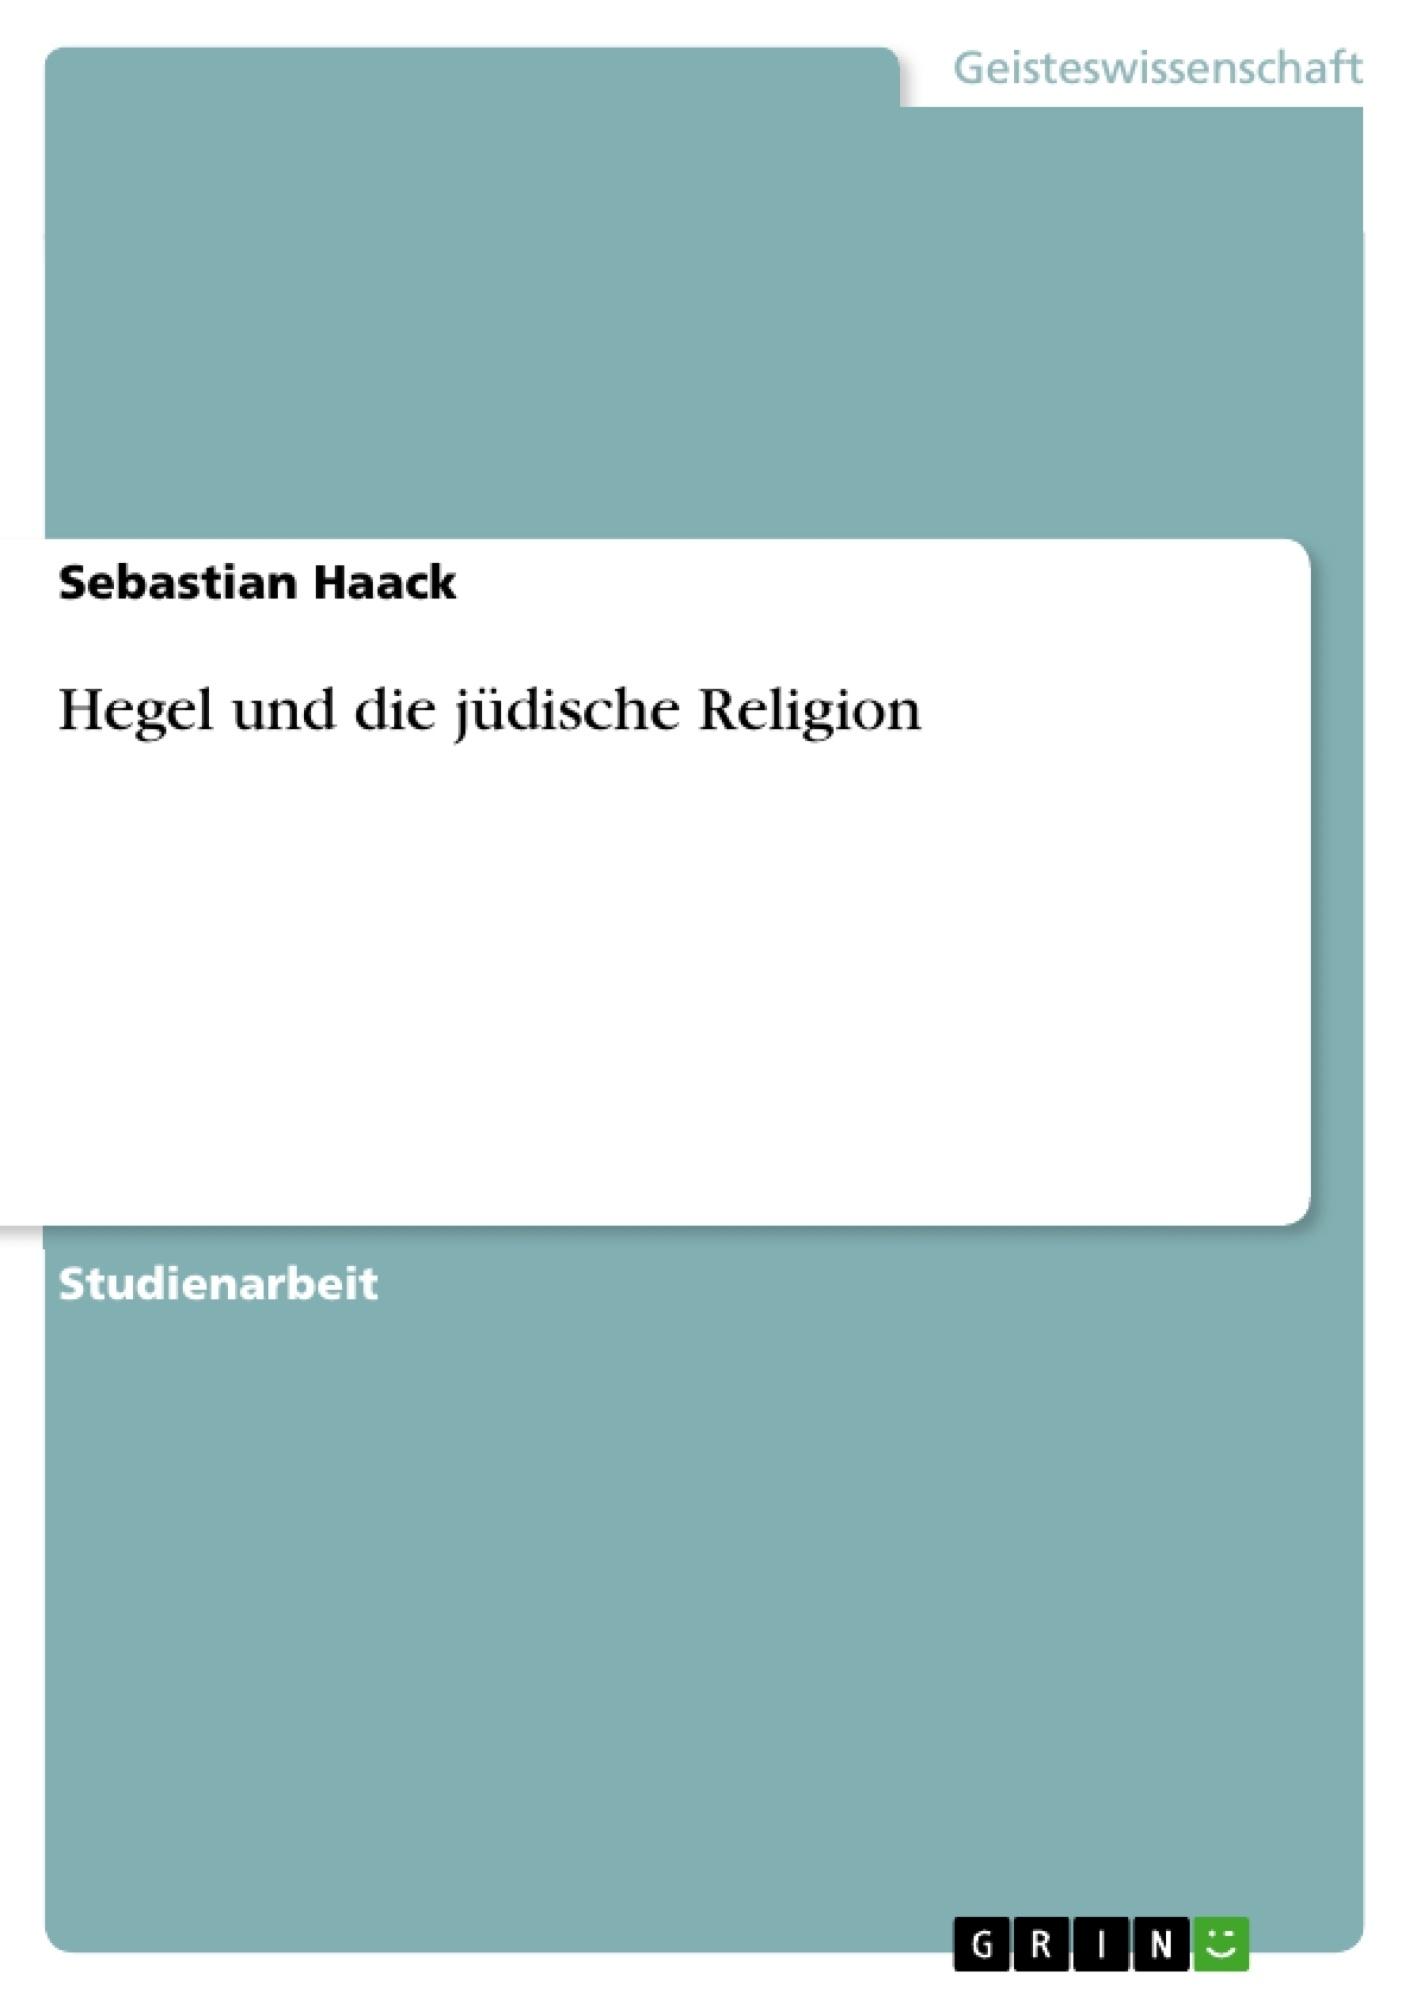 Titel: Hegel und die jüdische Religion